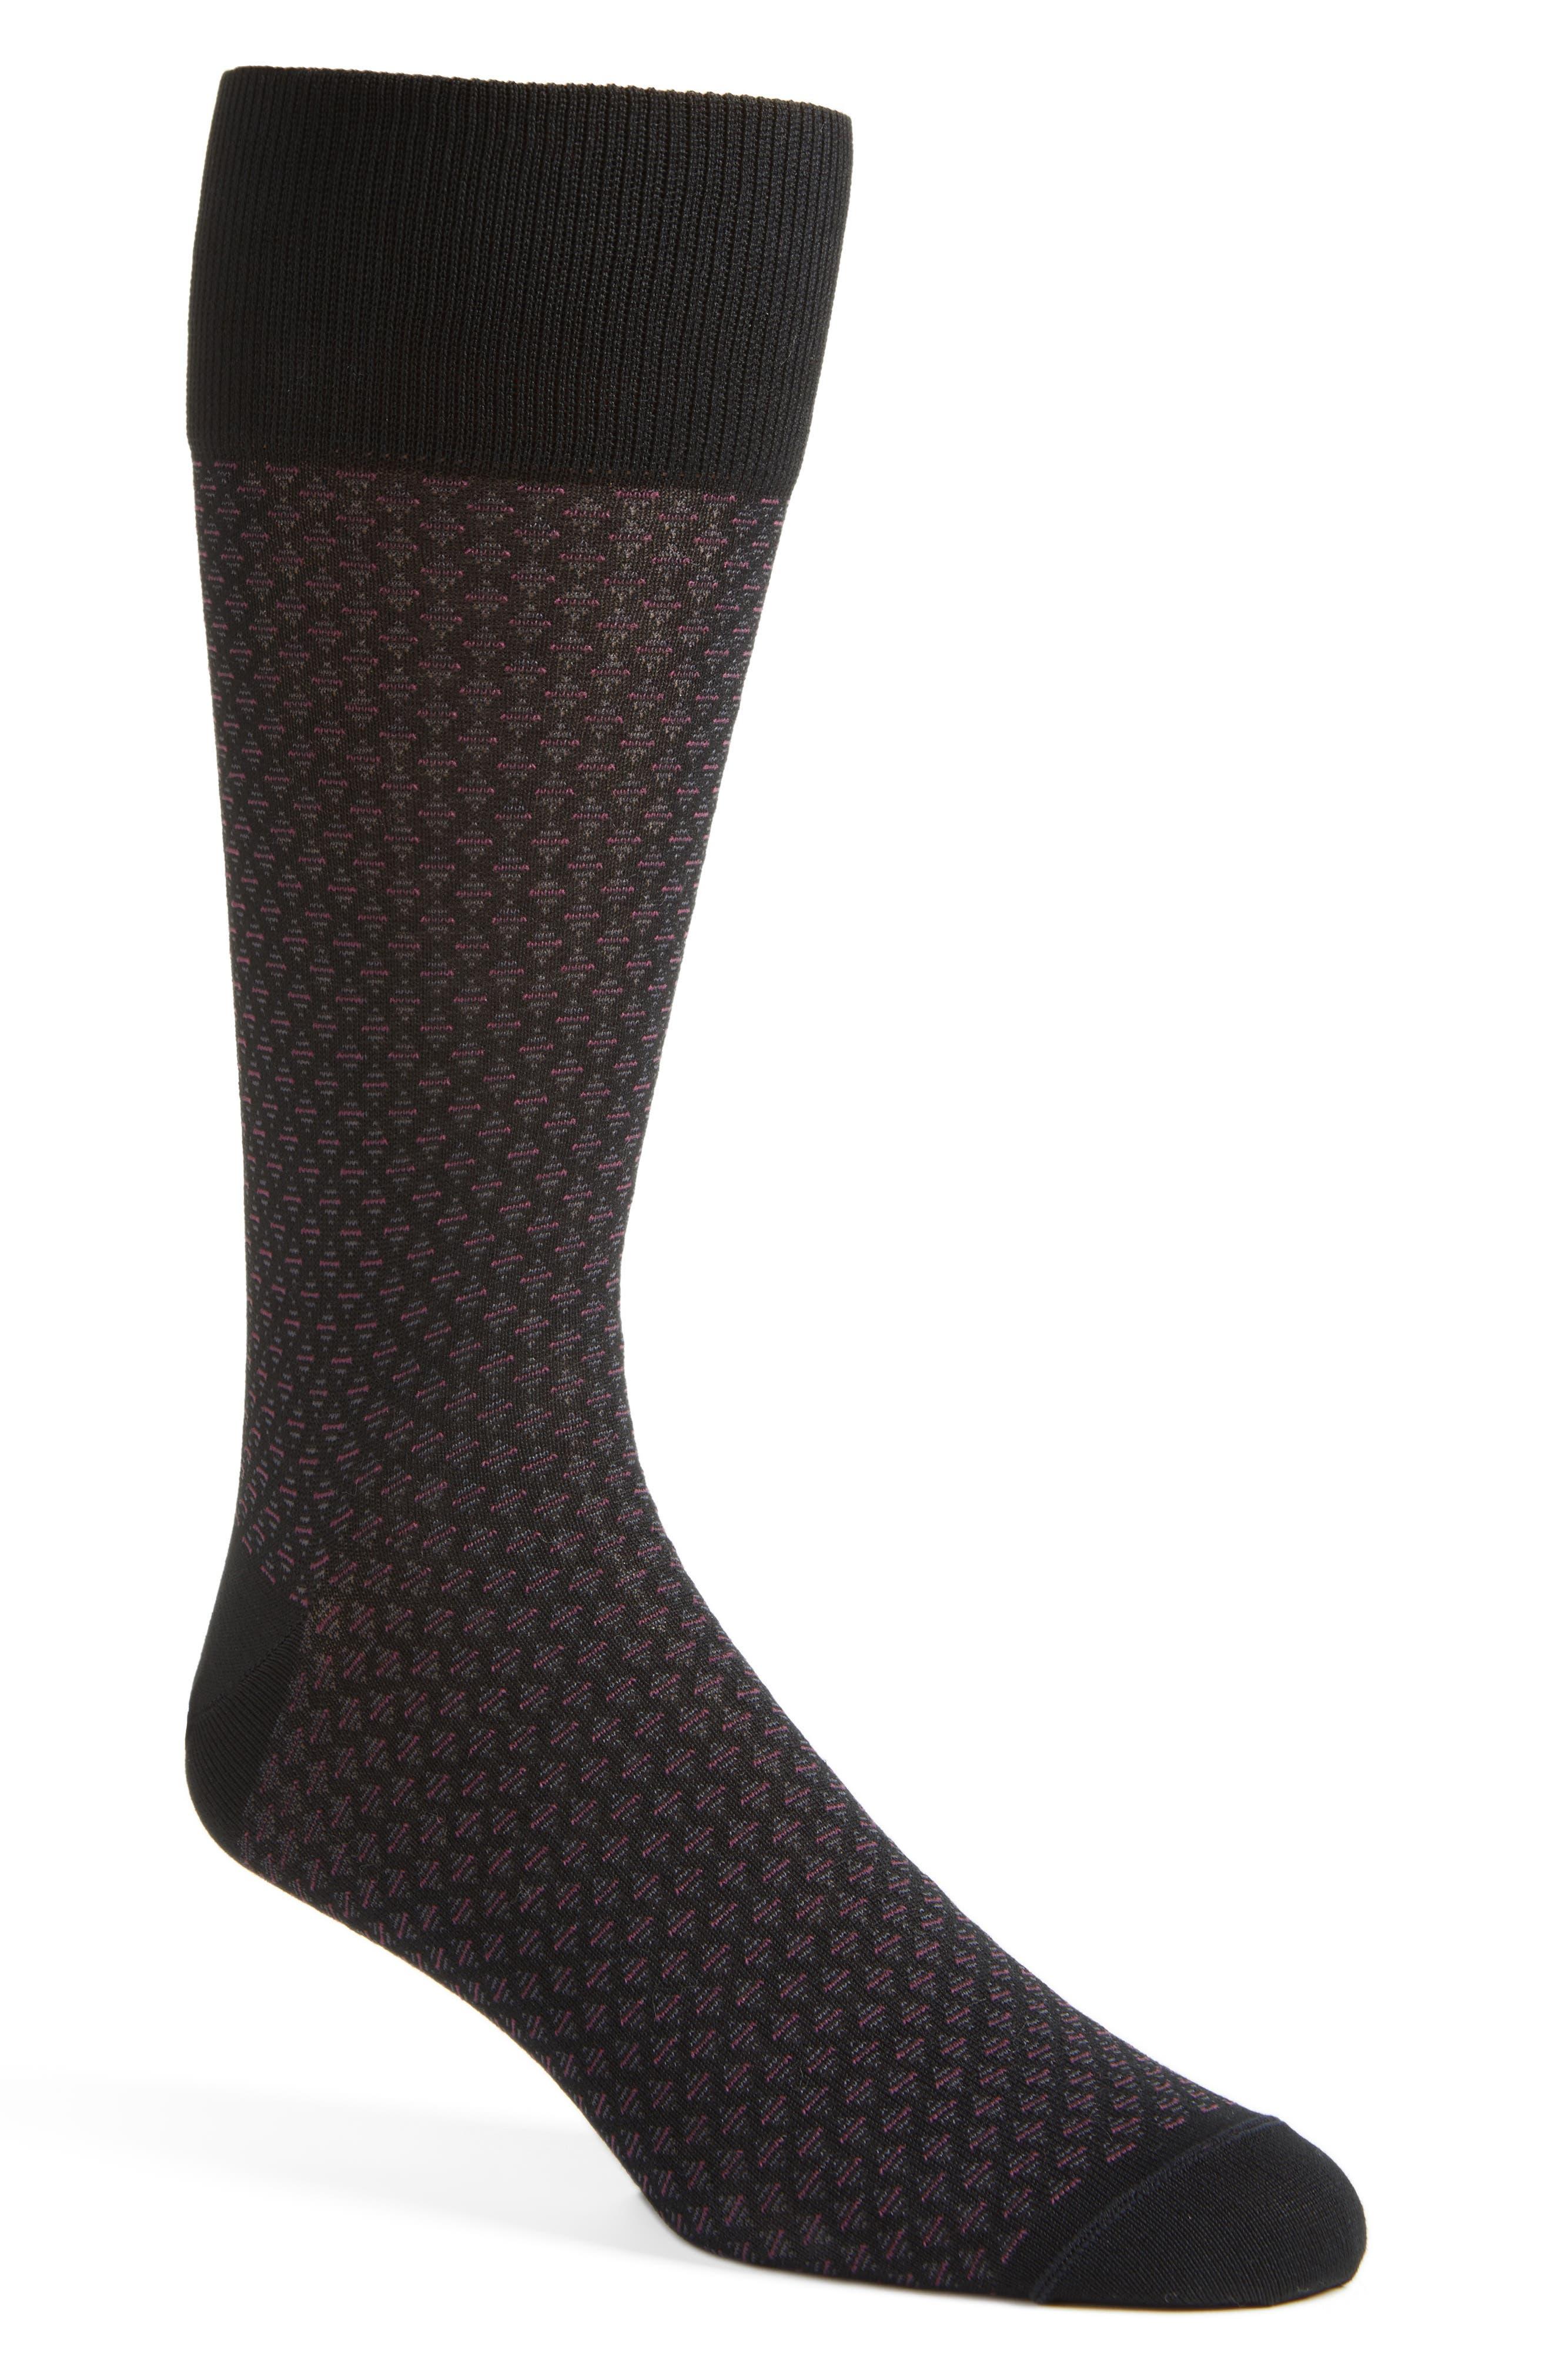 Main Image - John W. Nordstrom® Over the Calf Neat Diamond Socks (3 for $48)